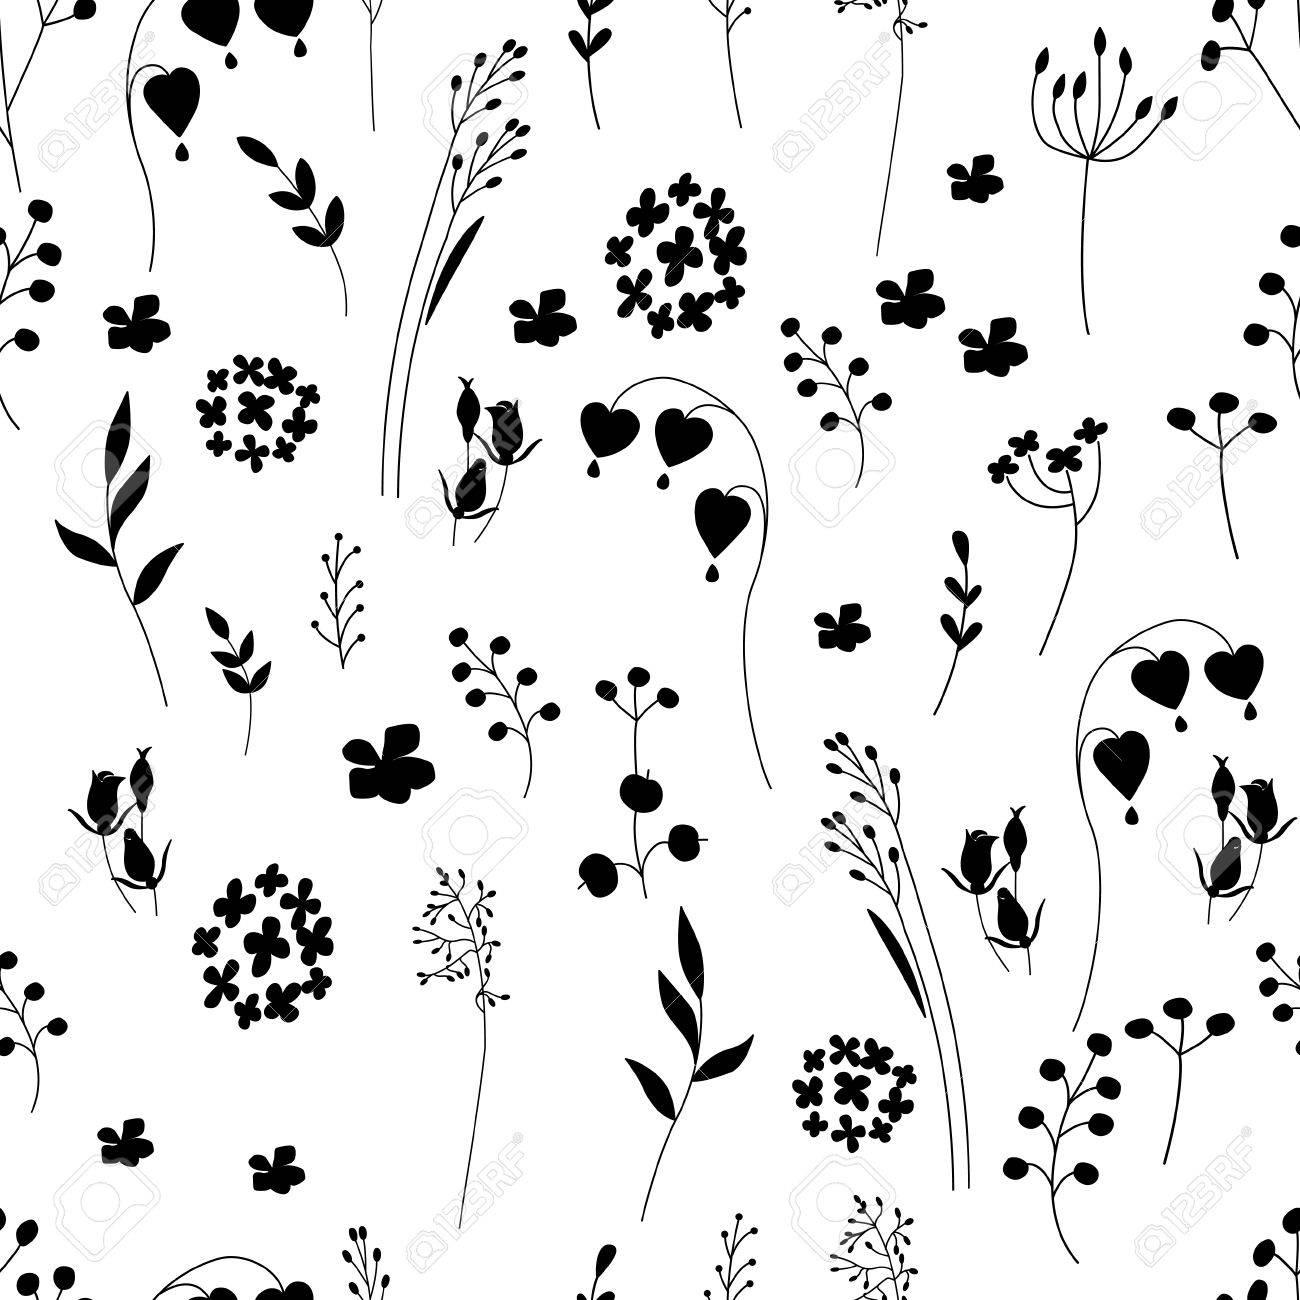 Disegni Stilizzati Bianco E Nero Fiori